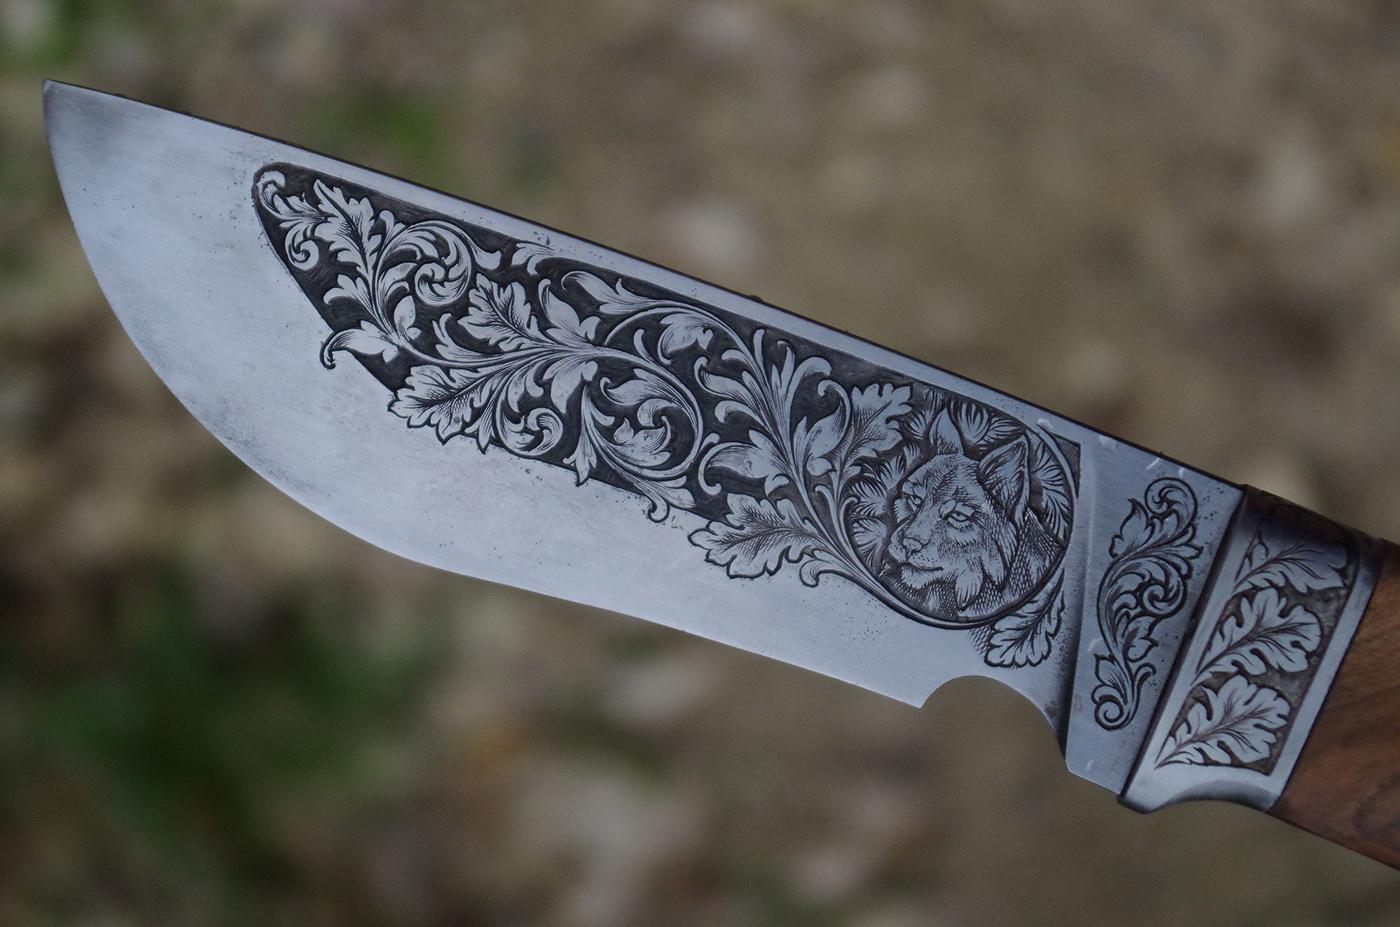 опыт, накопленный картинки узоров на ножах такую красавицу можно